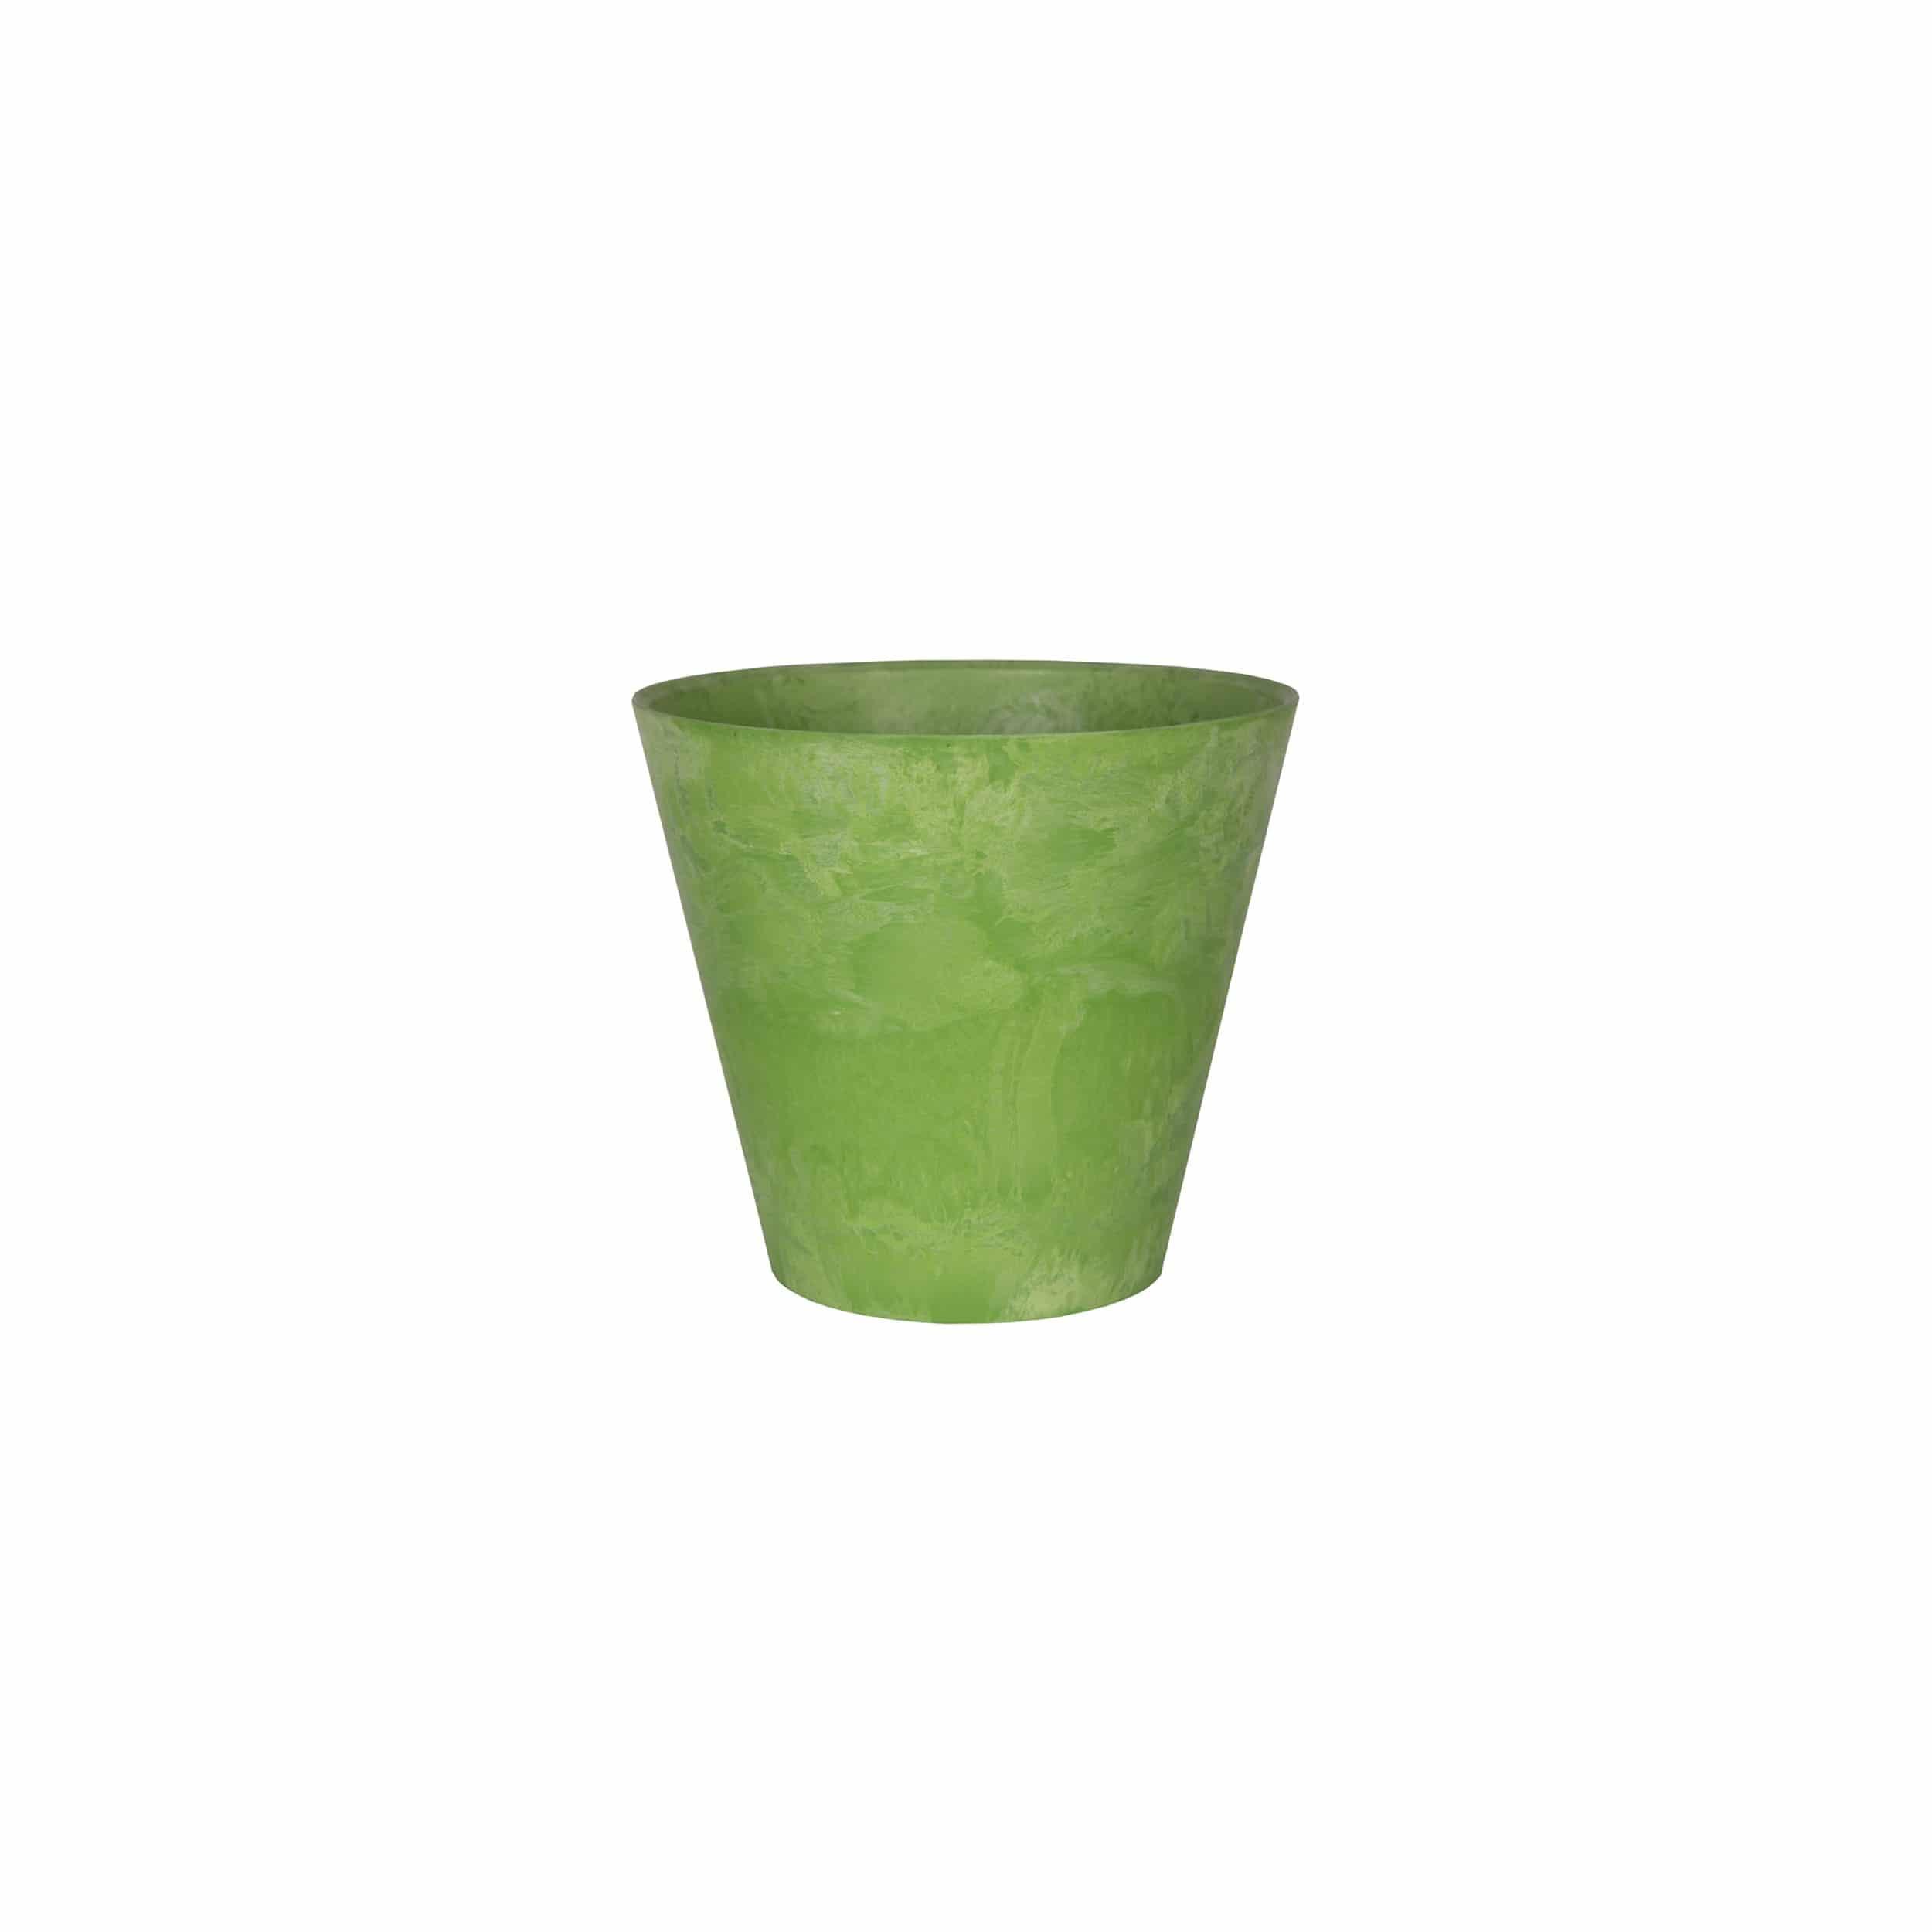 Blumentopf Claire D17cm limegrün